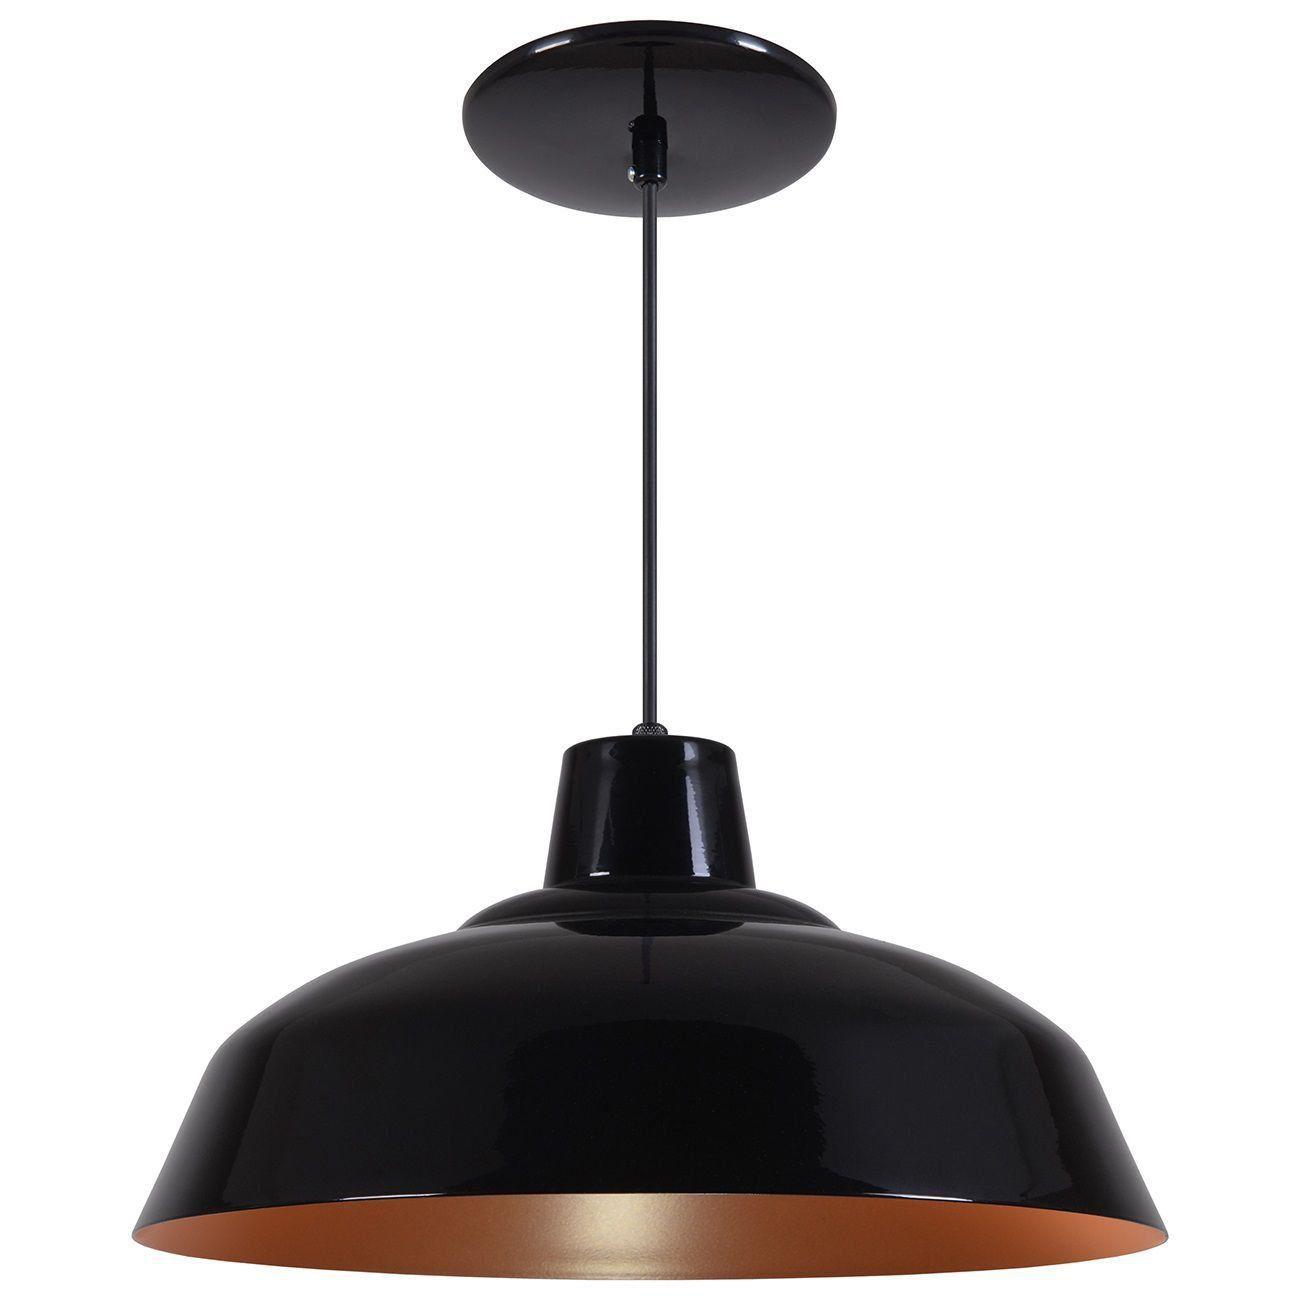 Pendente Retrô 34cm Luminária Lustre Alumínio Preto Brilhante C/ Cobre - Rei Da Iluminação